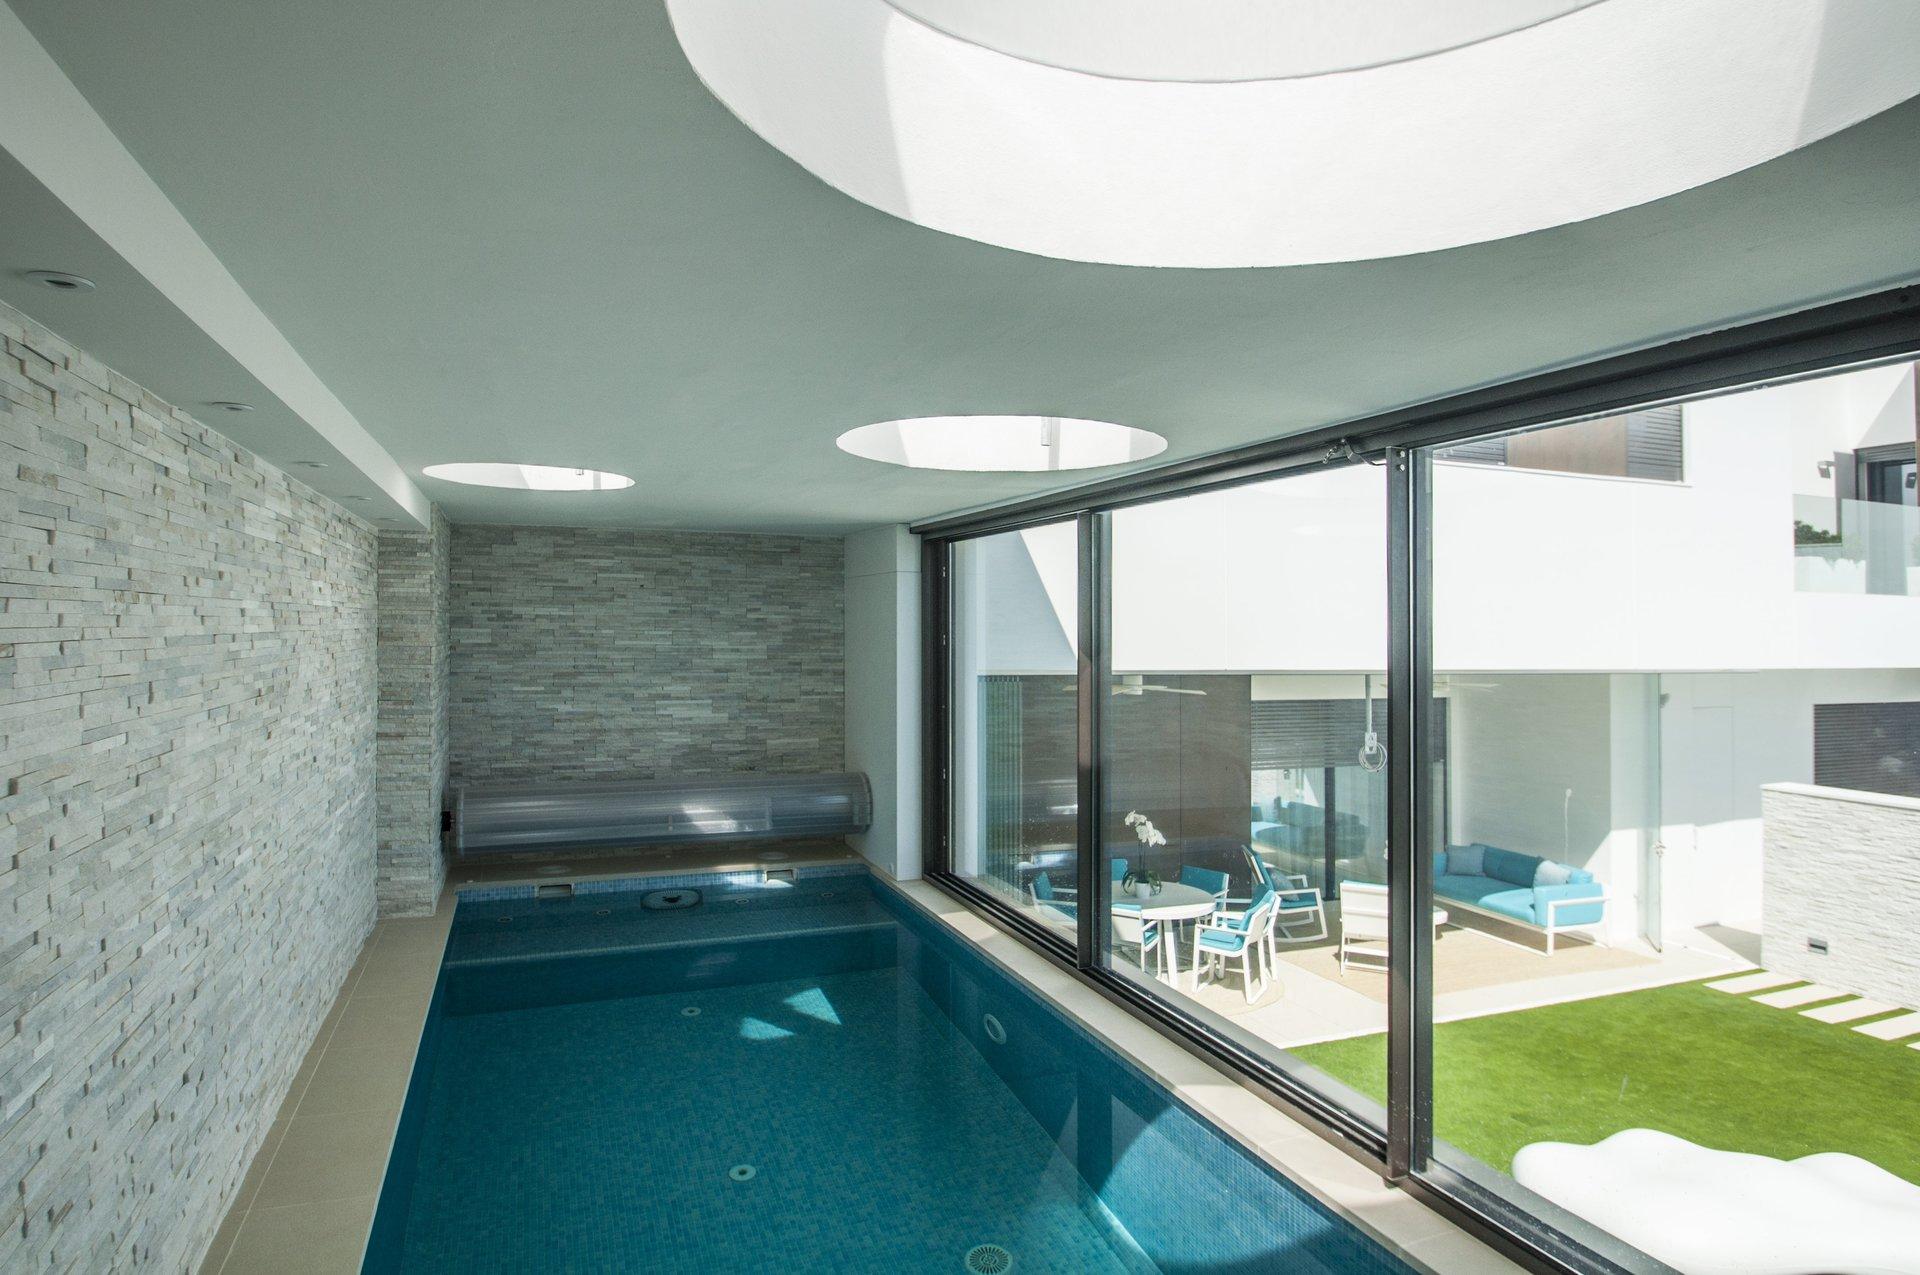 Piscinas climatizadas de diseño en vivienda unifamiliar moderna en Almeria. Arquitectura moderna en Almeria. Interiorismo Almeria.